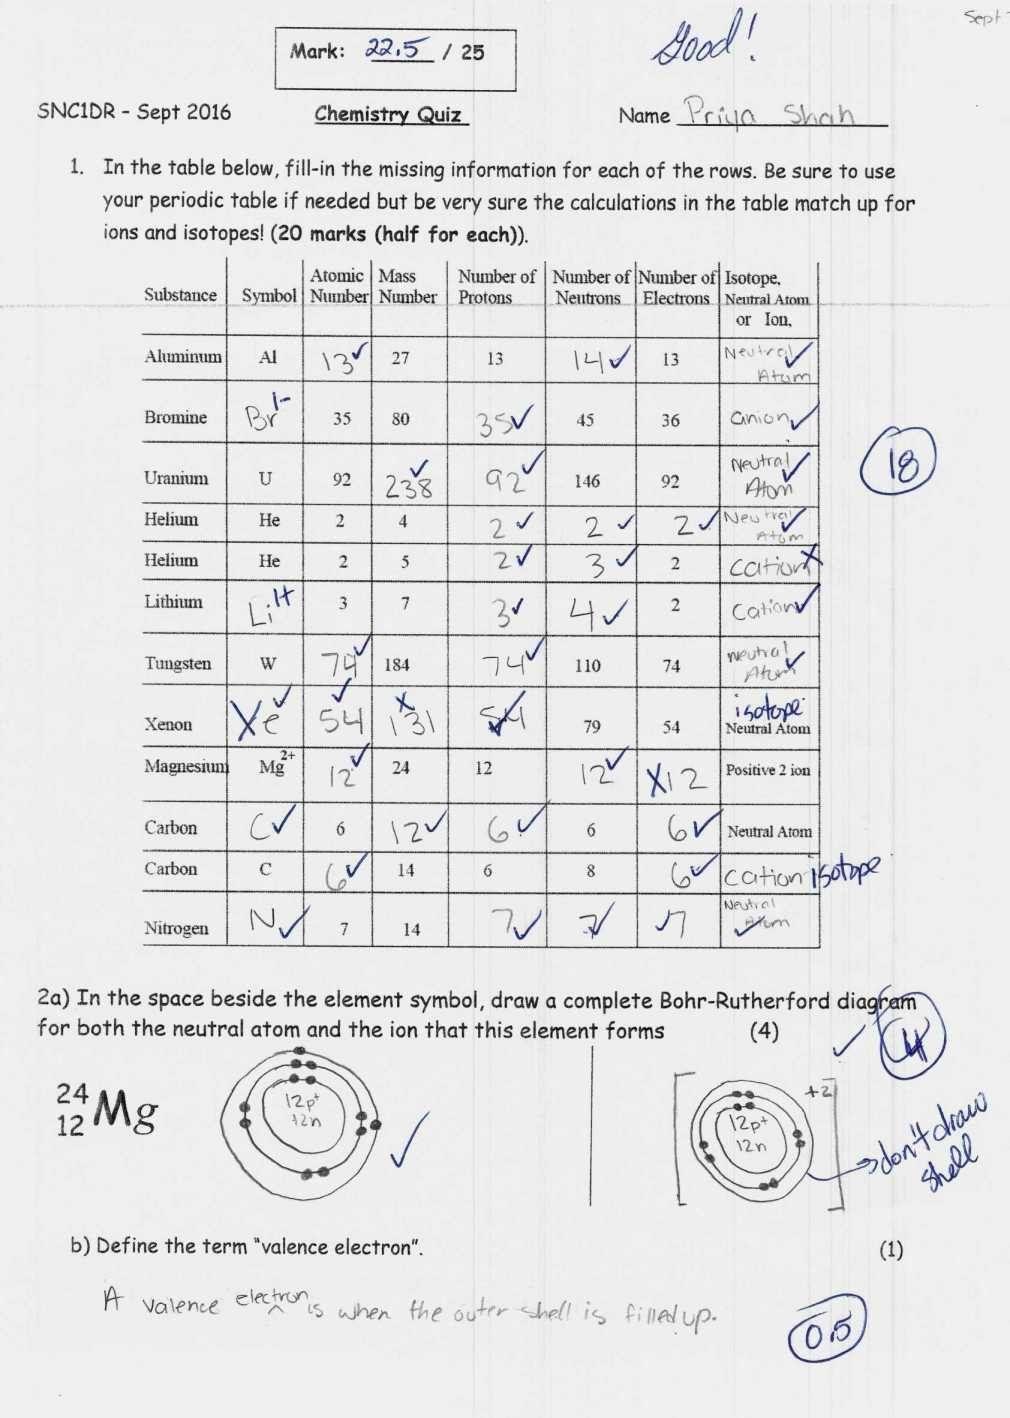 Isotopes Ions And Atoms Worksheet 1 Answer Key (Dengan gambar)